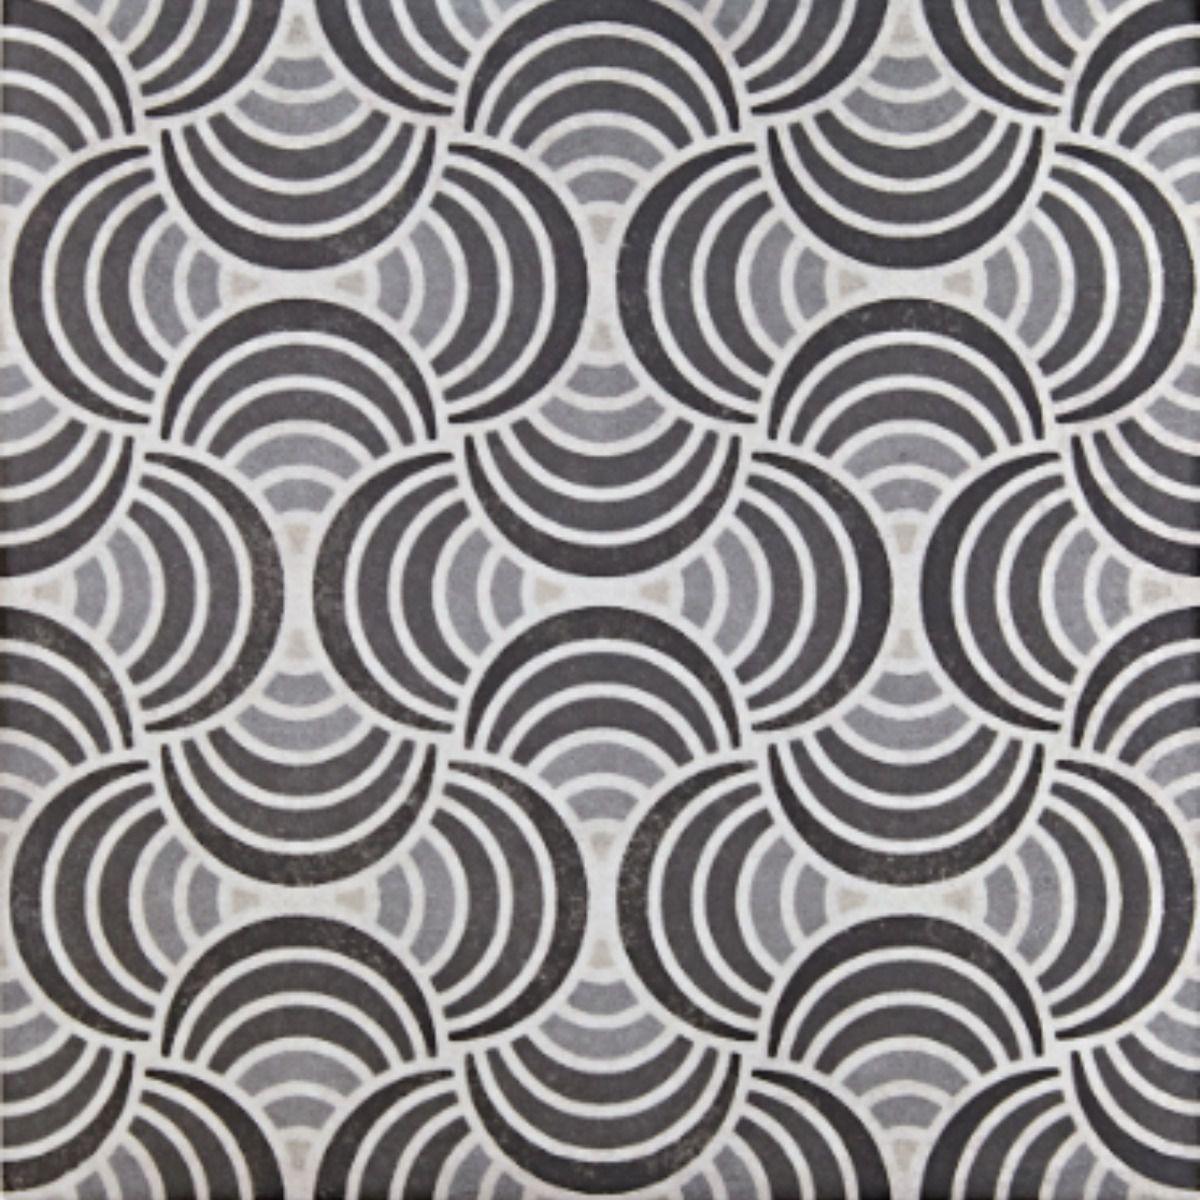 Origins Vintage Whirlpool Tile 22.3 x 22.3cm - SLT176